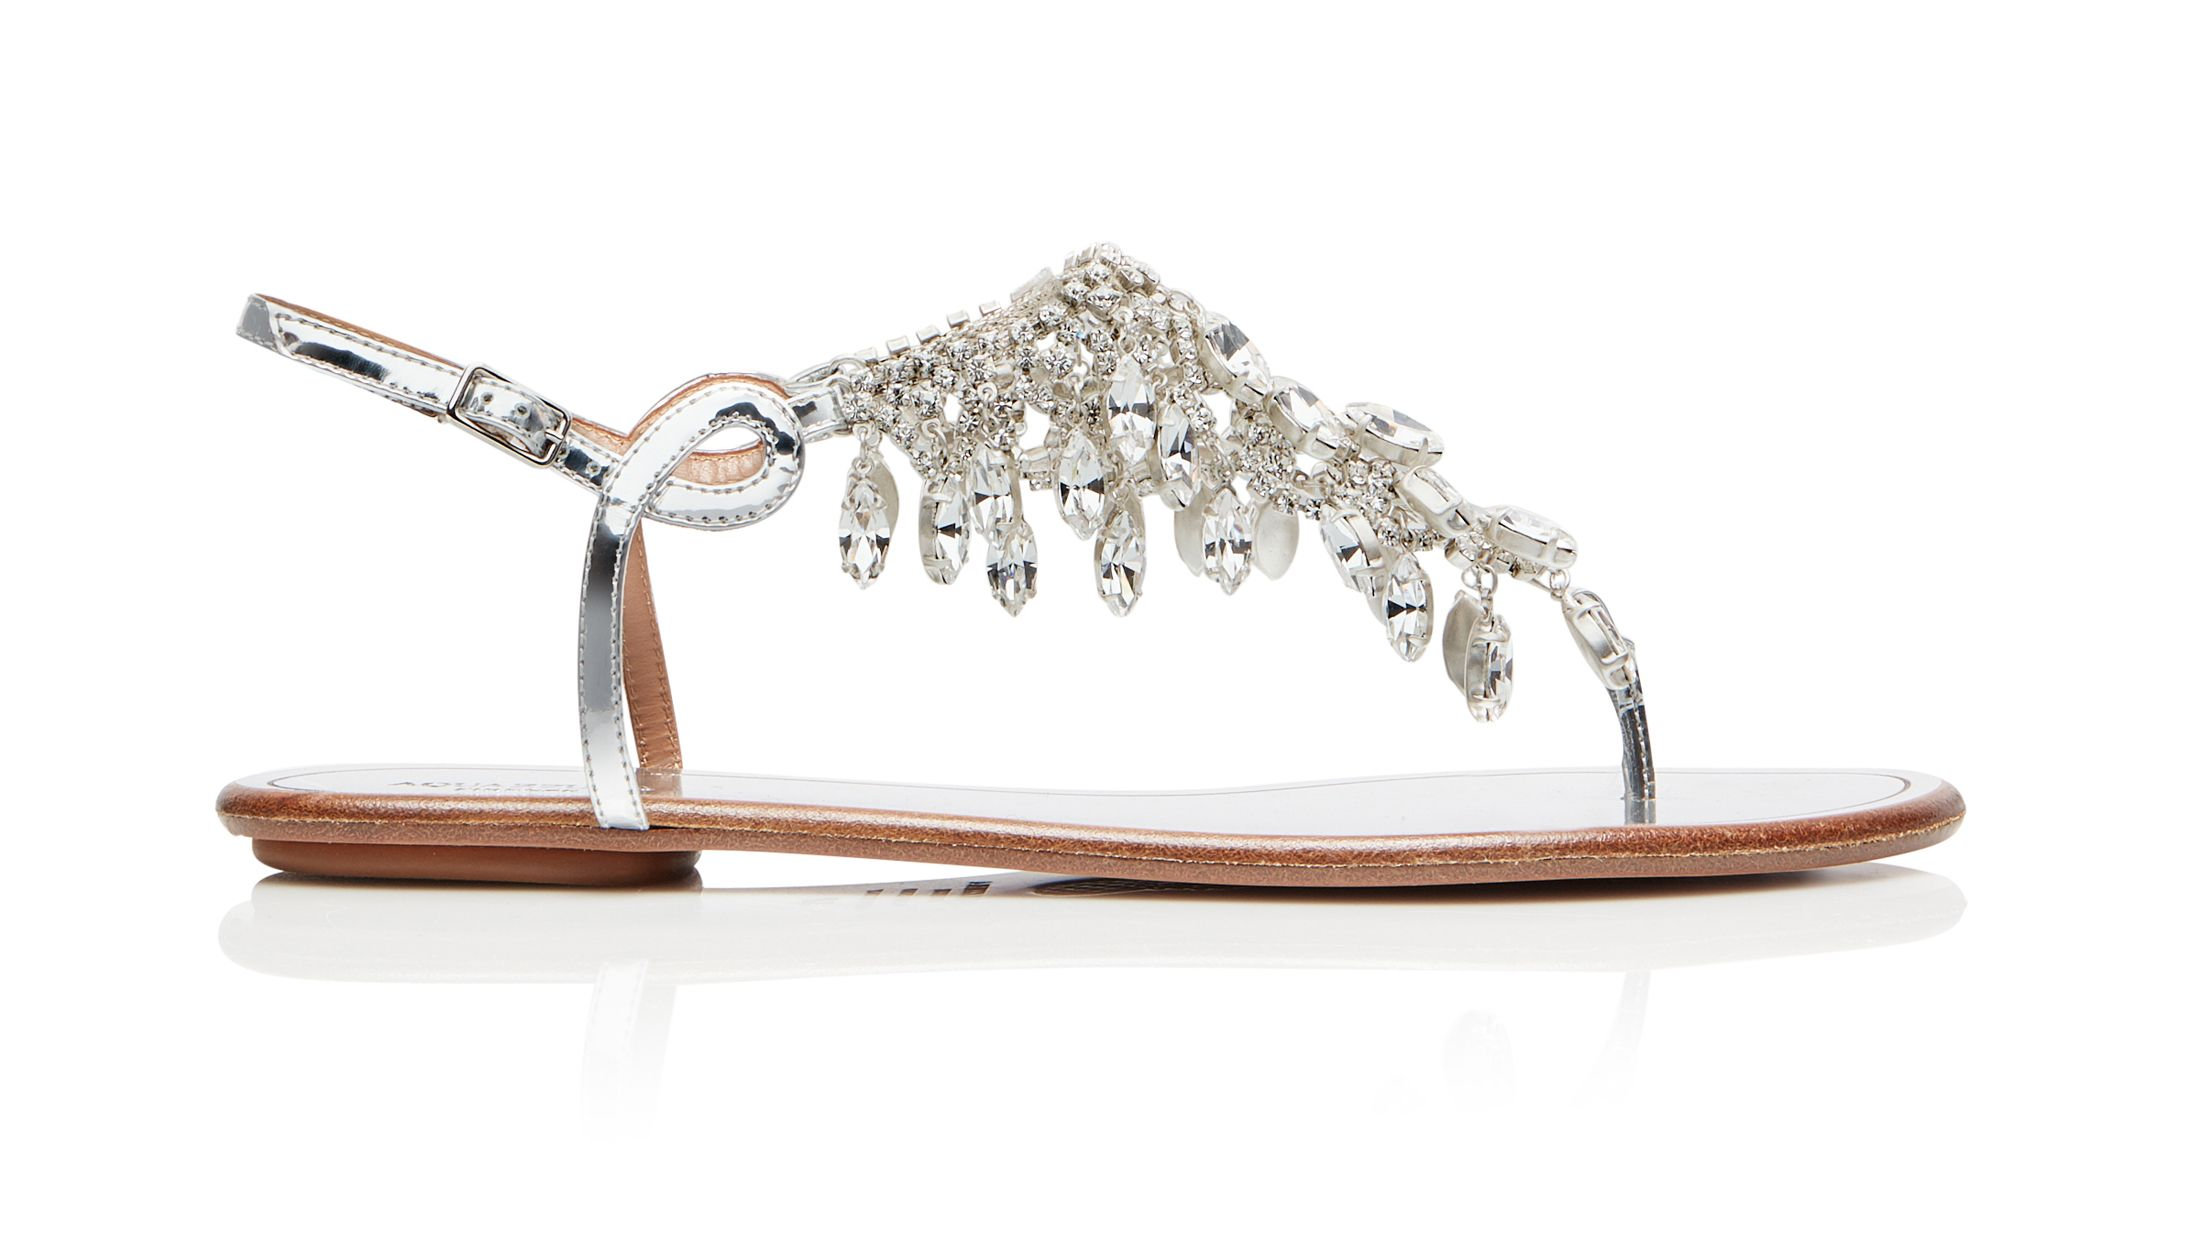 Questi sandali gioiello sono i più belli mai visti e cambieranno definitivamente i tuoi outfit primavera estate 2019 con un tocco ultra glam.